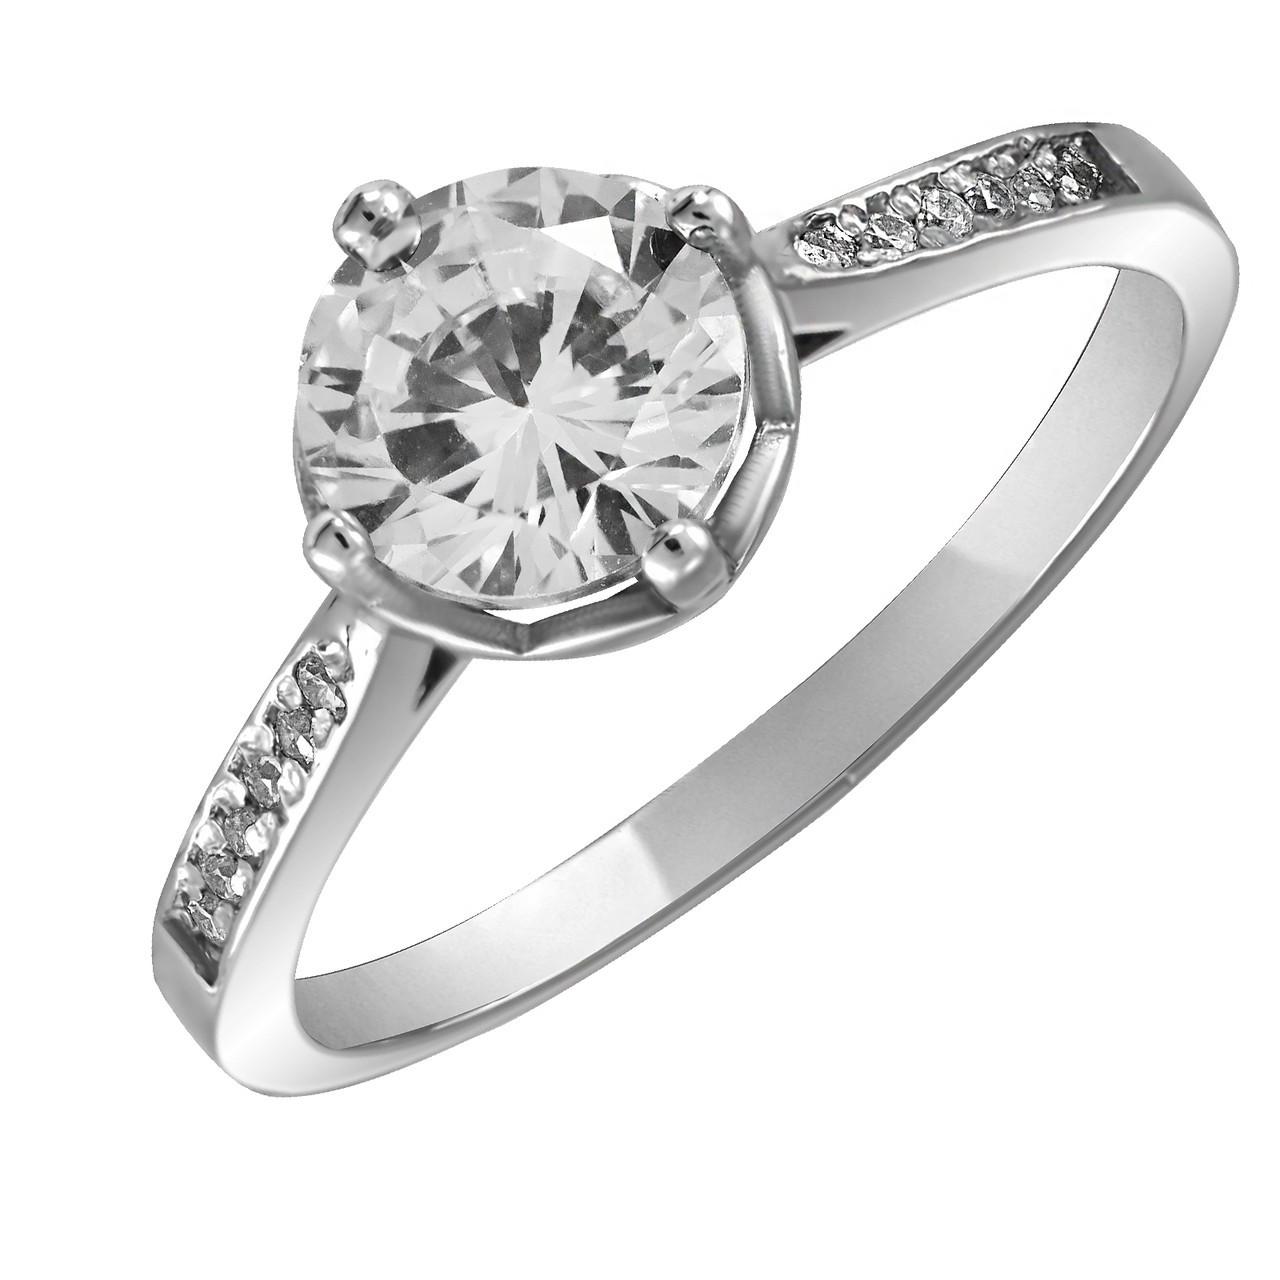 Кольцо из серебра с кубическим цирконием Twiddle Jewelry 15.5 размер (К016-15.5)